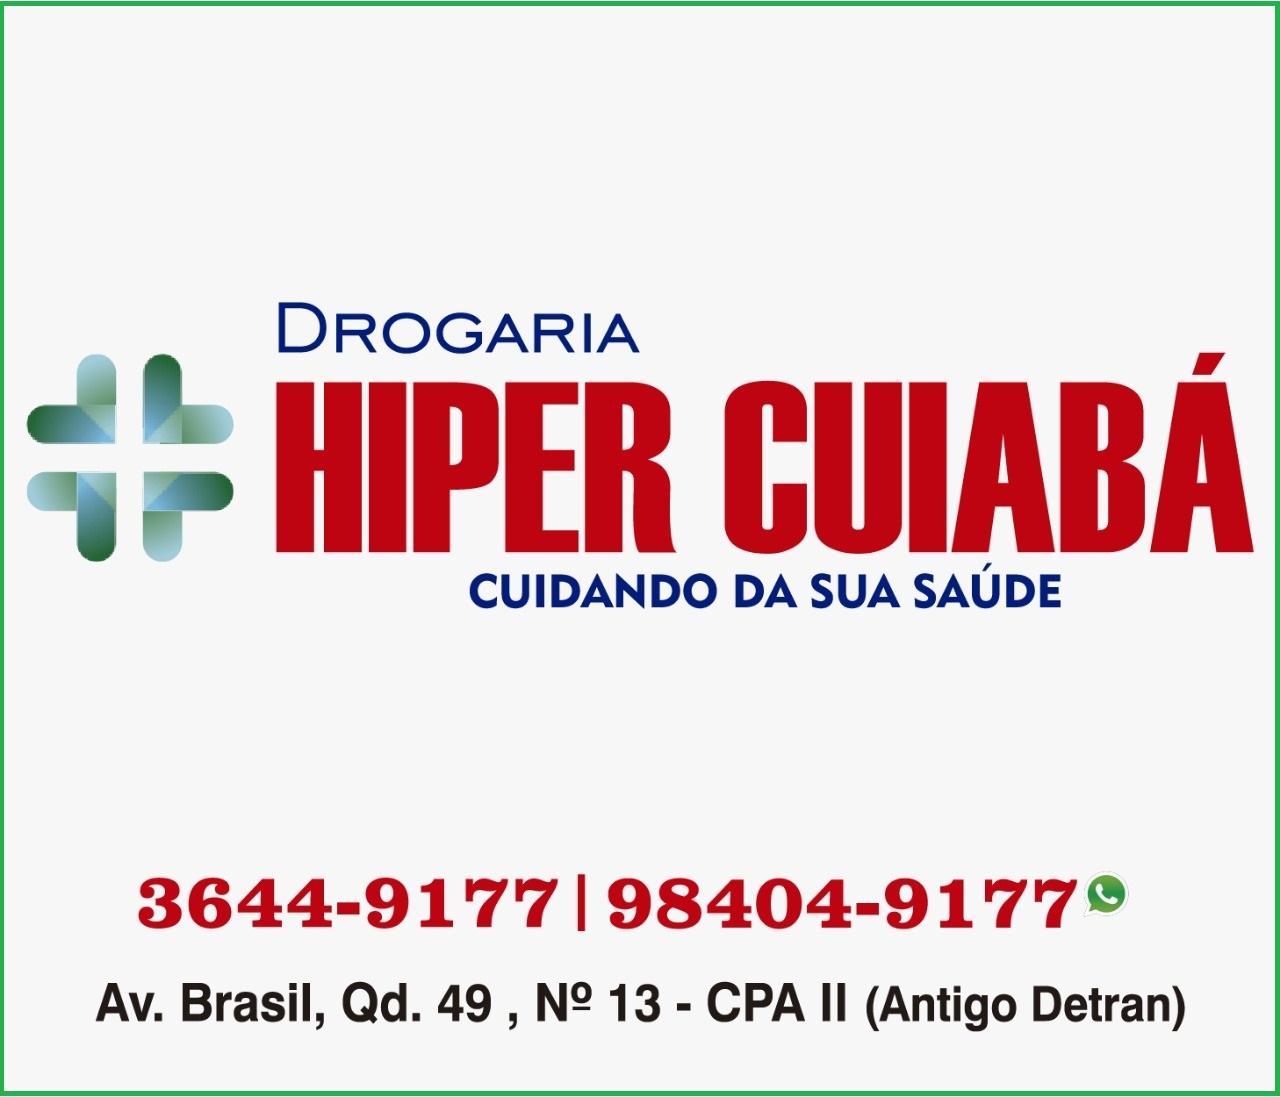 Drogaria Hiper Cuiaba